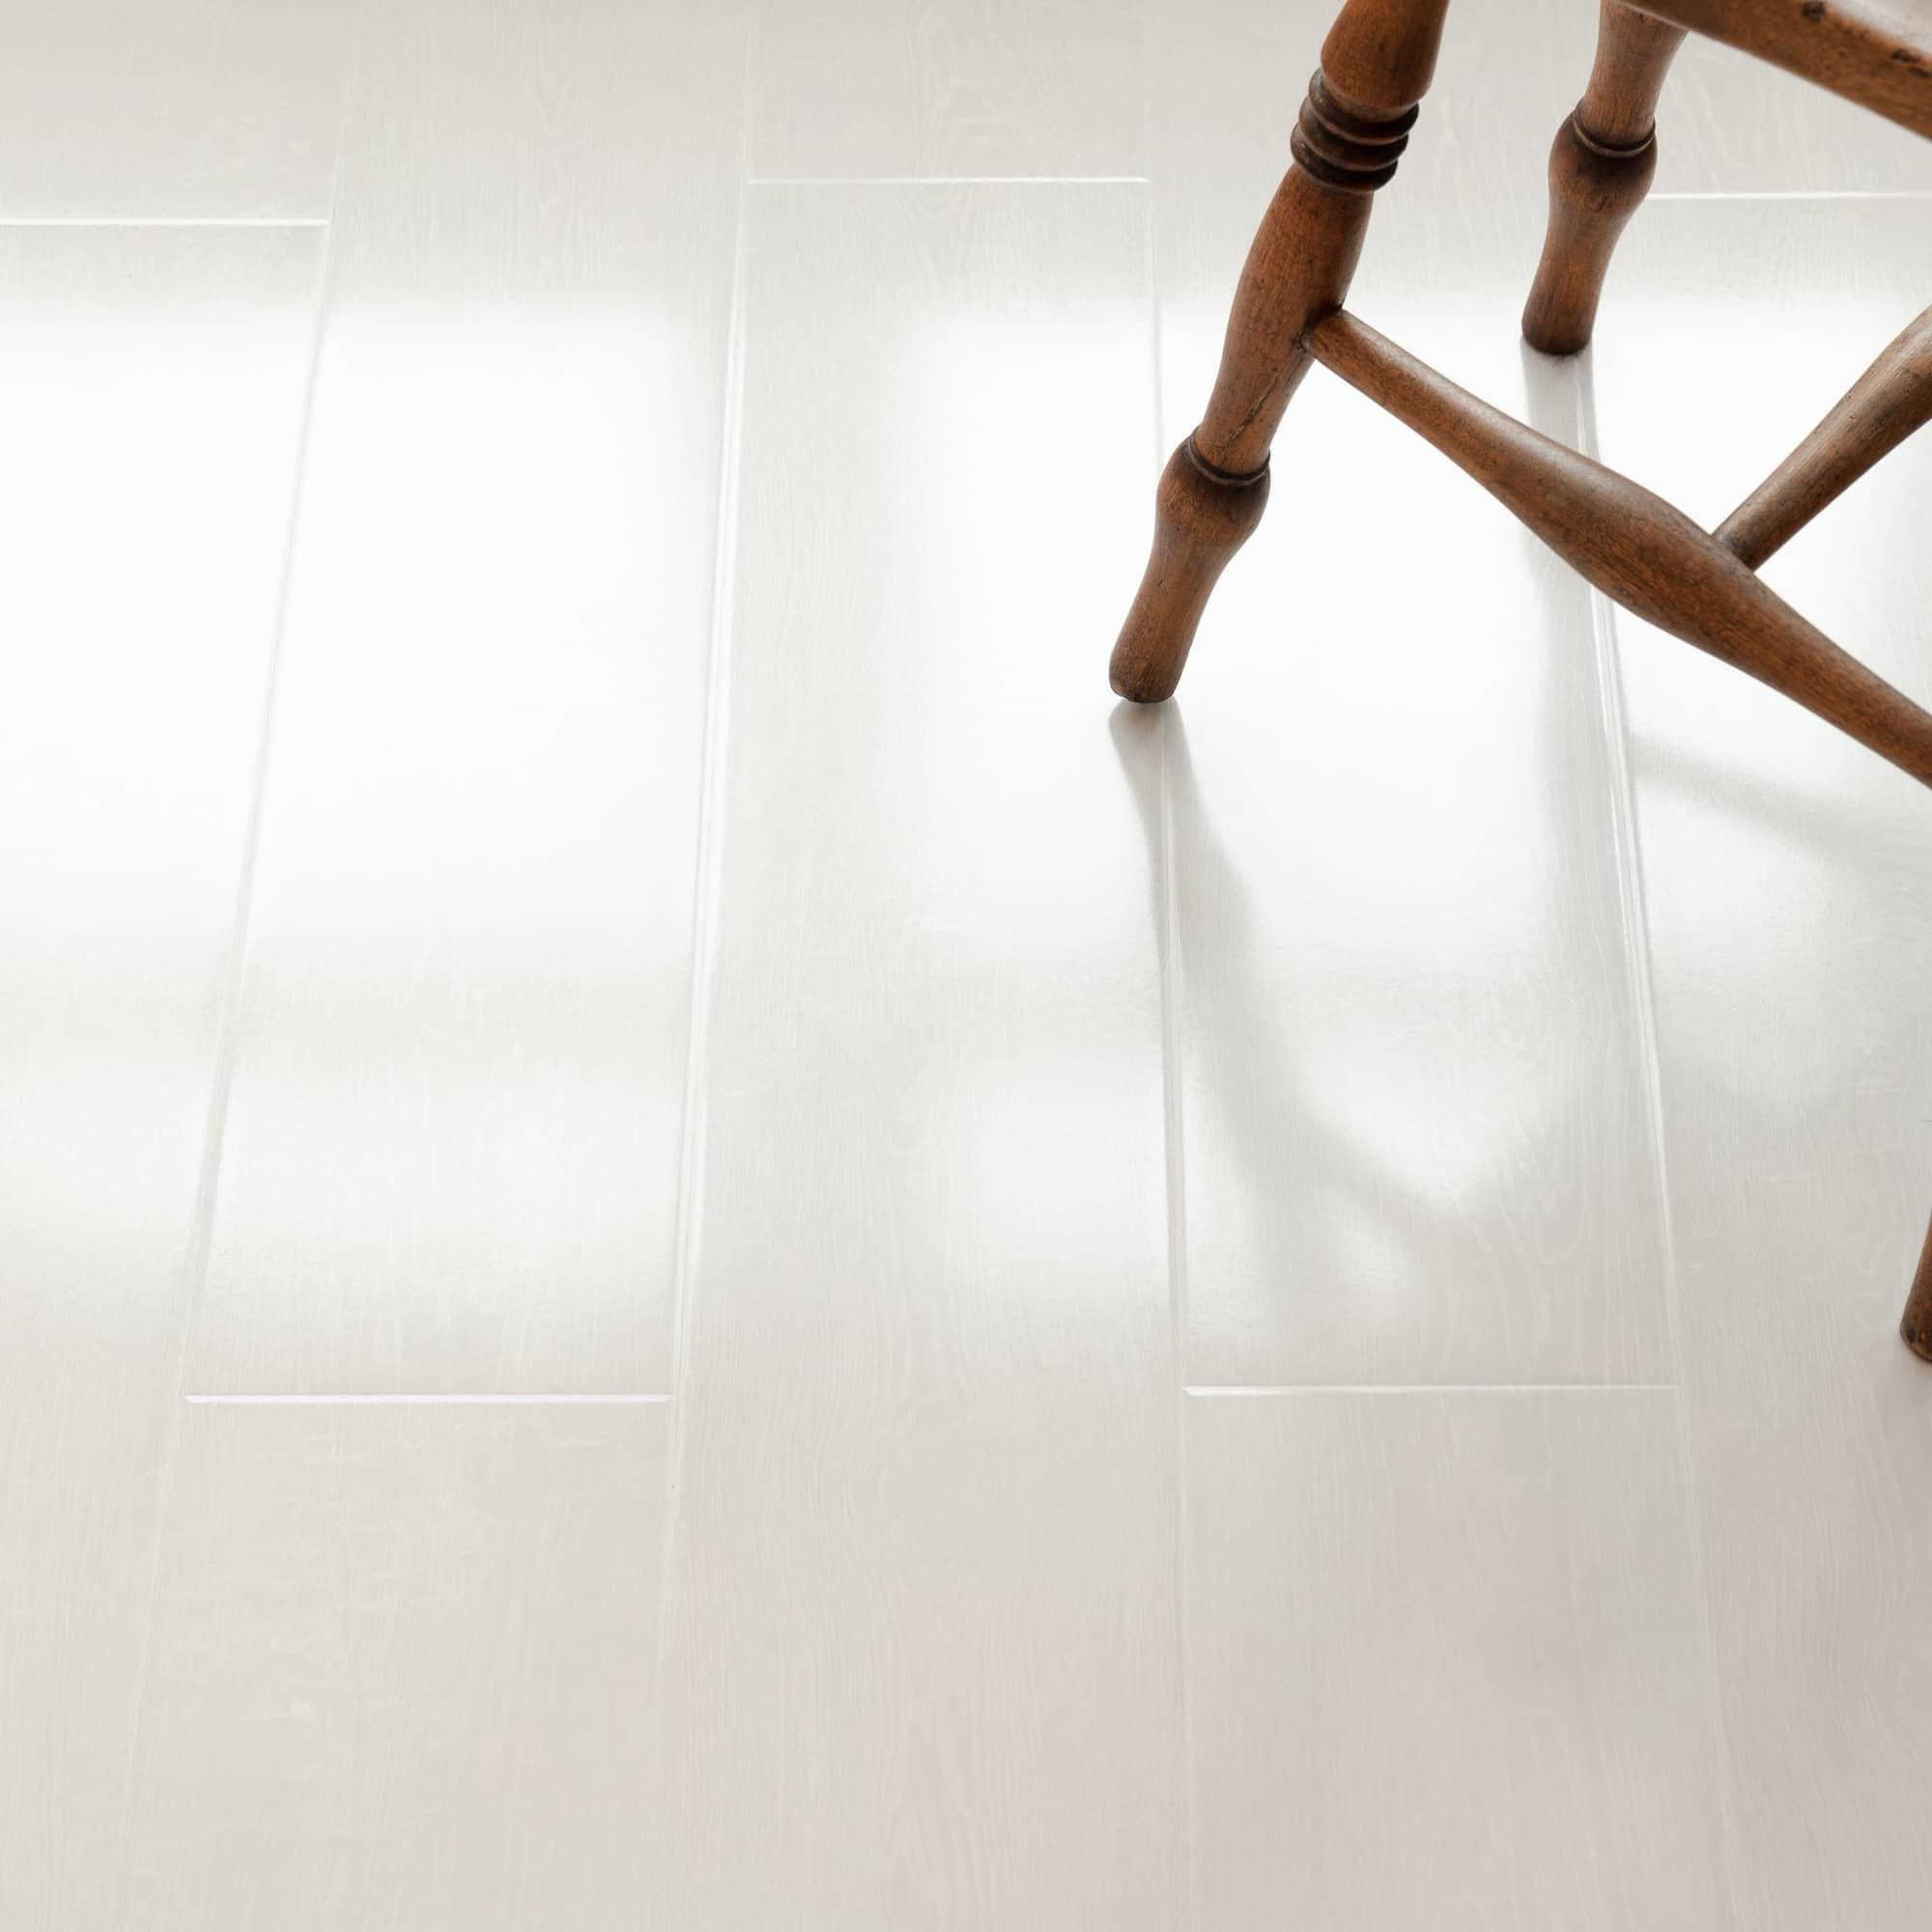 High Gloss White Laminate Flooring, White Gloss Laminate Flooring